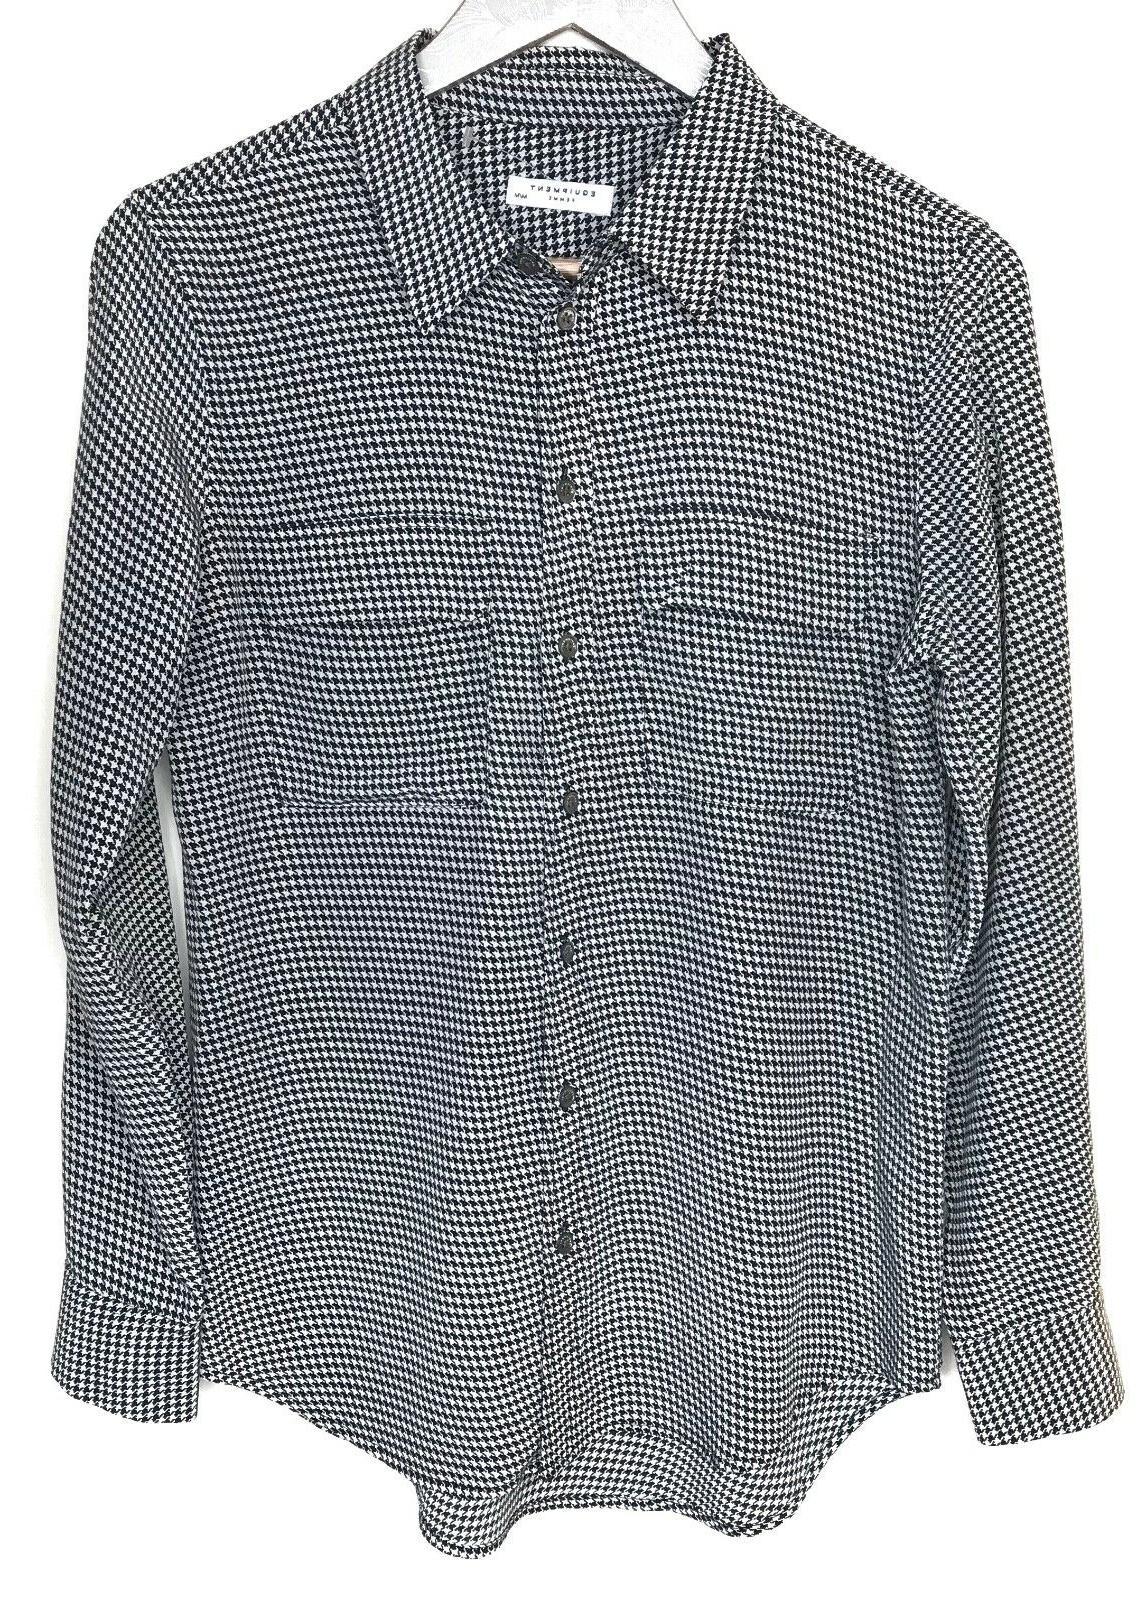 femme womens blouse sz medium 100 percent